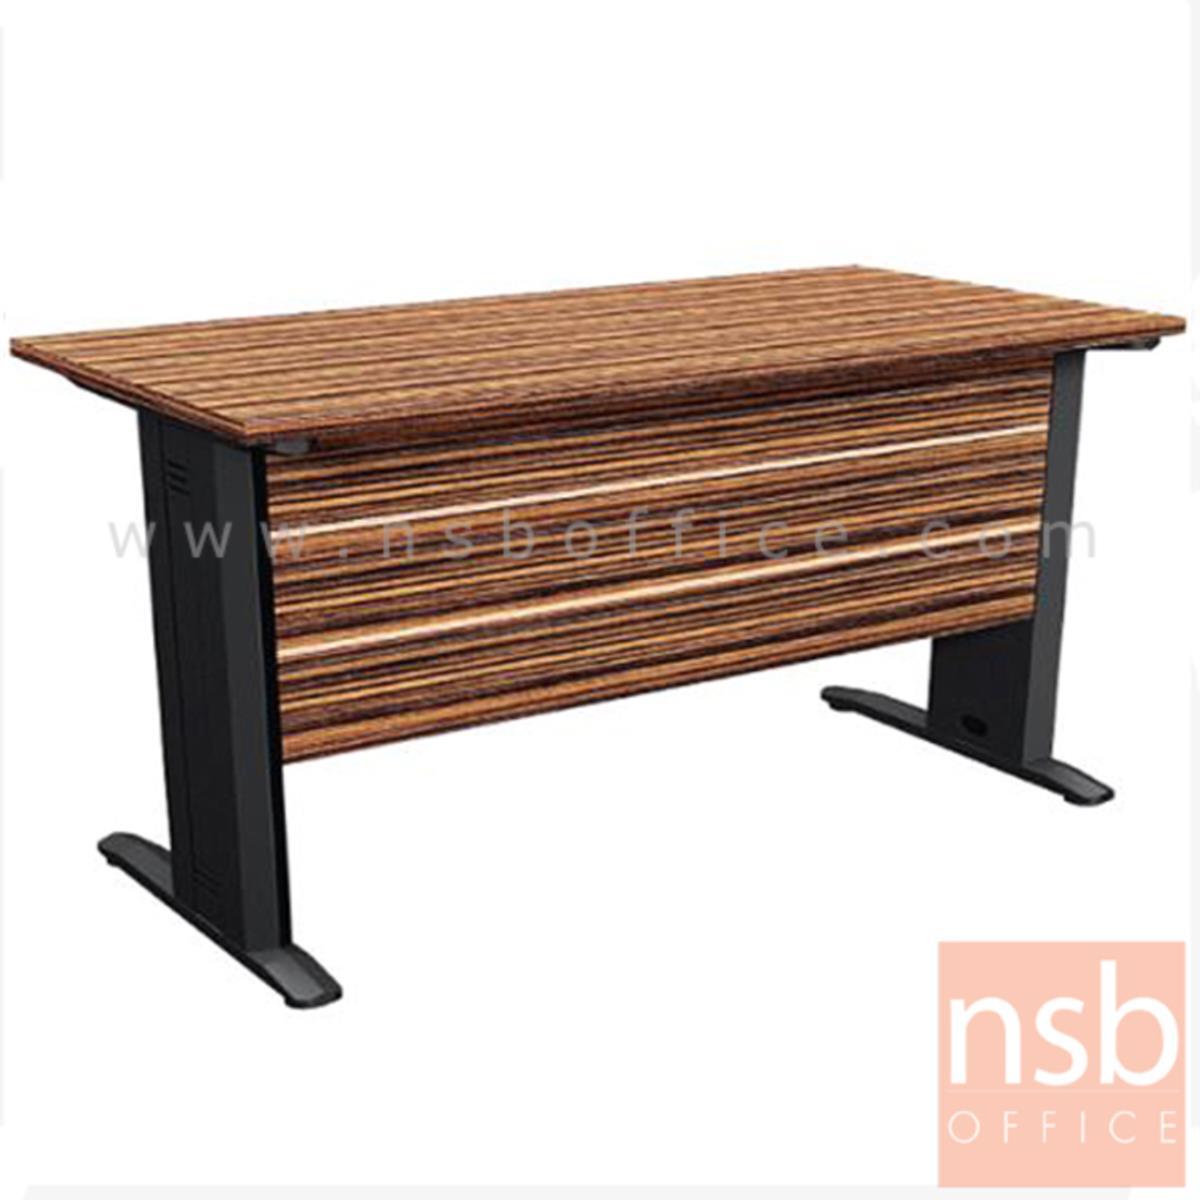 โต๊ะทำงาน รุ่น Private Blend ขนาด 120W ,150W cm.  ขาเหล็ก สีลายไม้ซีบราโน่ตัดดำ ขอบ ROSEGOLD